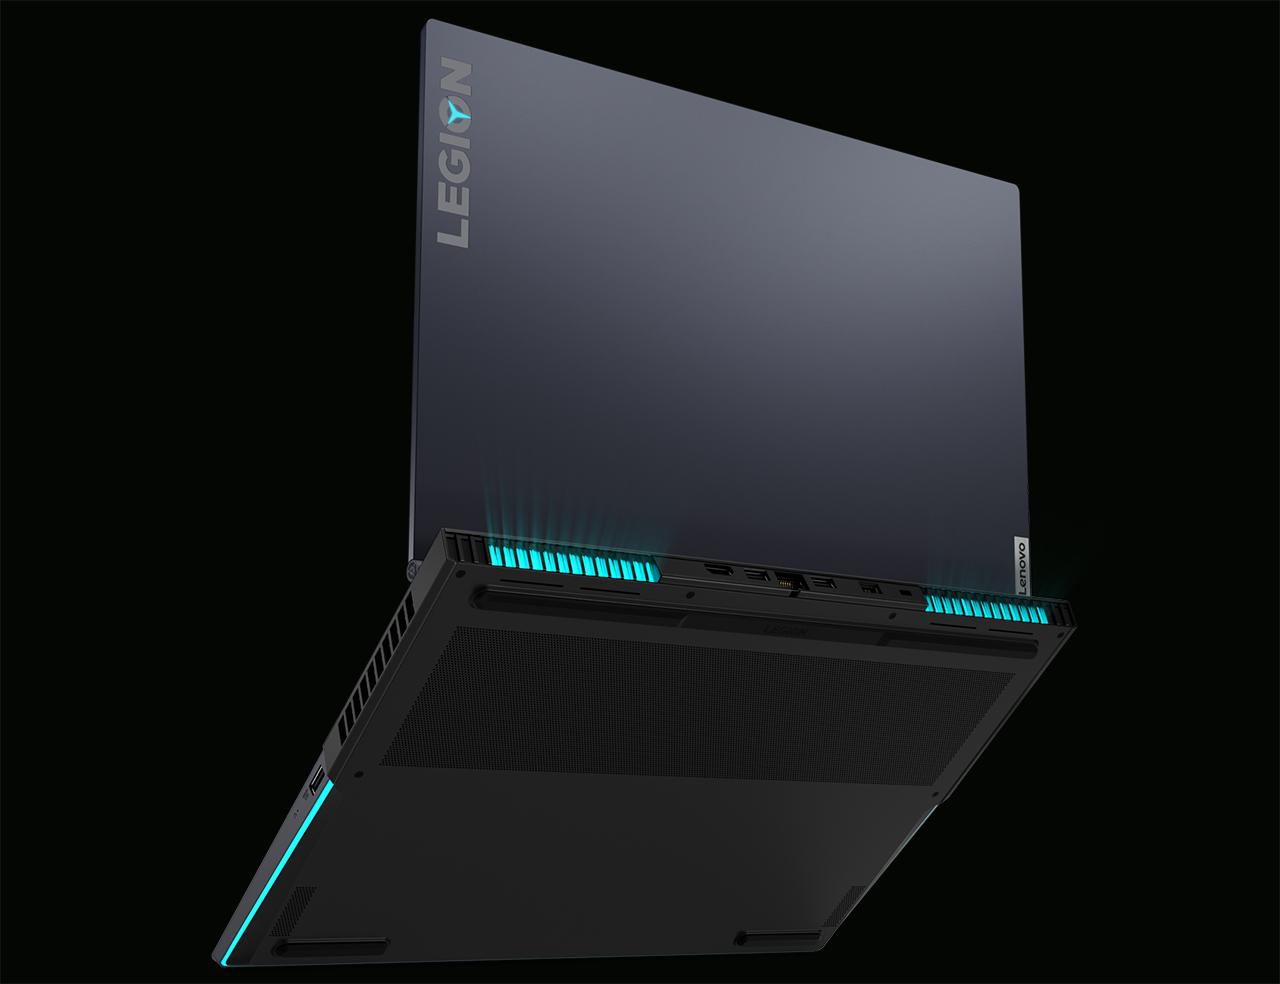 New Lenovo Legion Laptops Feature RTX SUPER Max-Q, 10th Gen Intel - Mobile 2